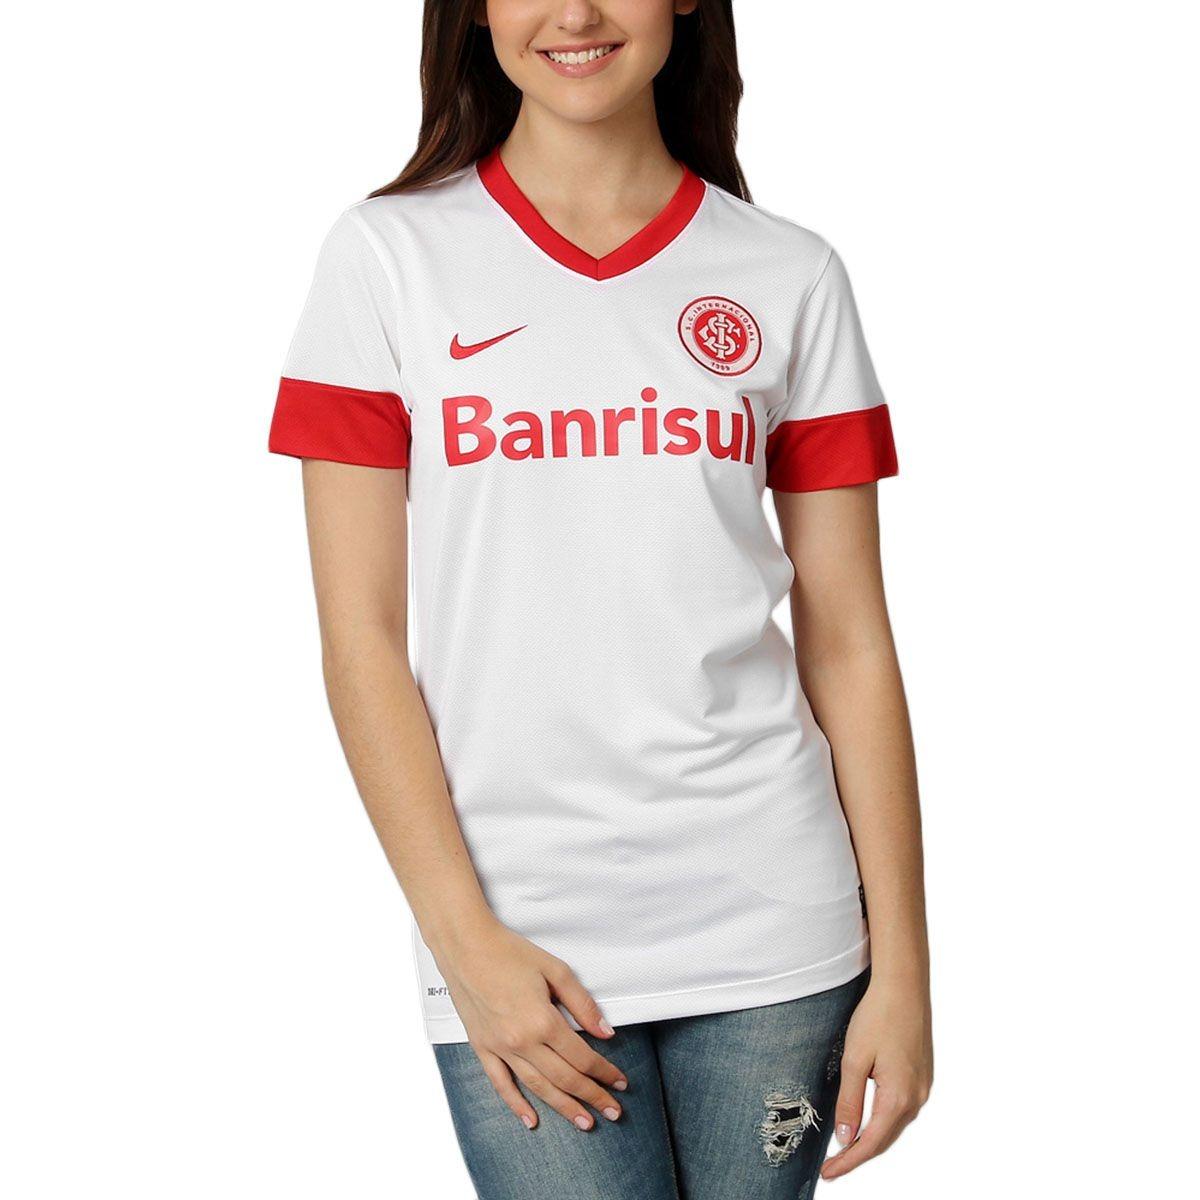 Camisa Feminina Nike Internacional Original+ Nf De199 cd0032f0023e6